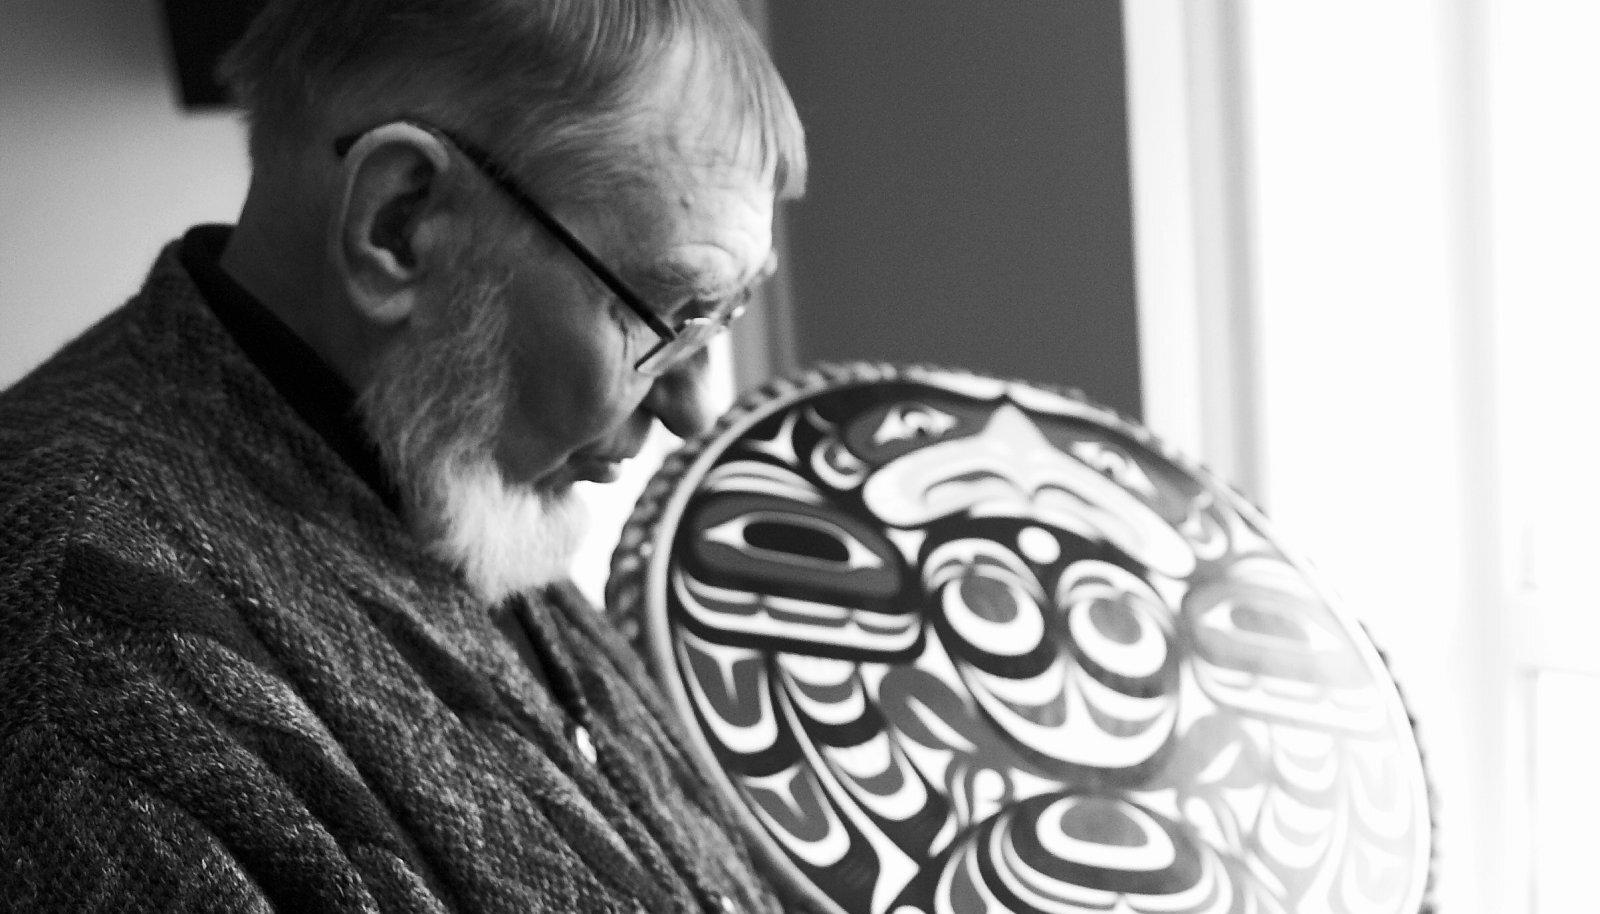 Veljo Tormis oli küll Põhja-Eesti inimene, ent tema mõju oli väga laiahaardeline. Rääkimata mõjust muusika mõtestamisele.